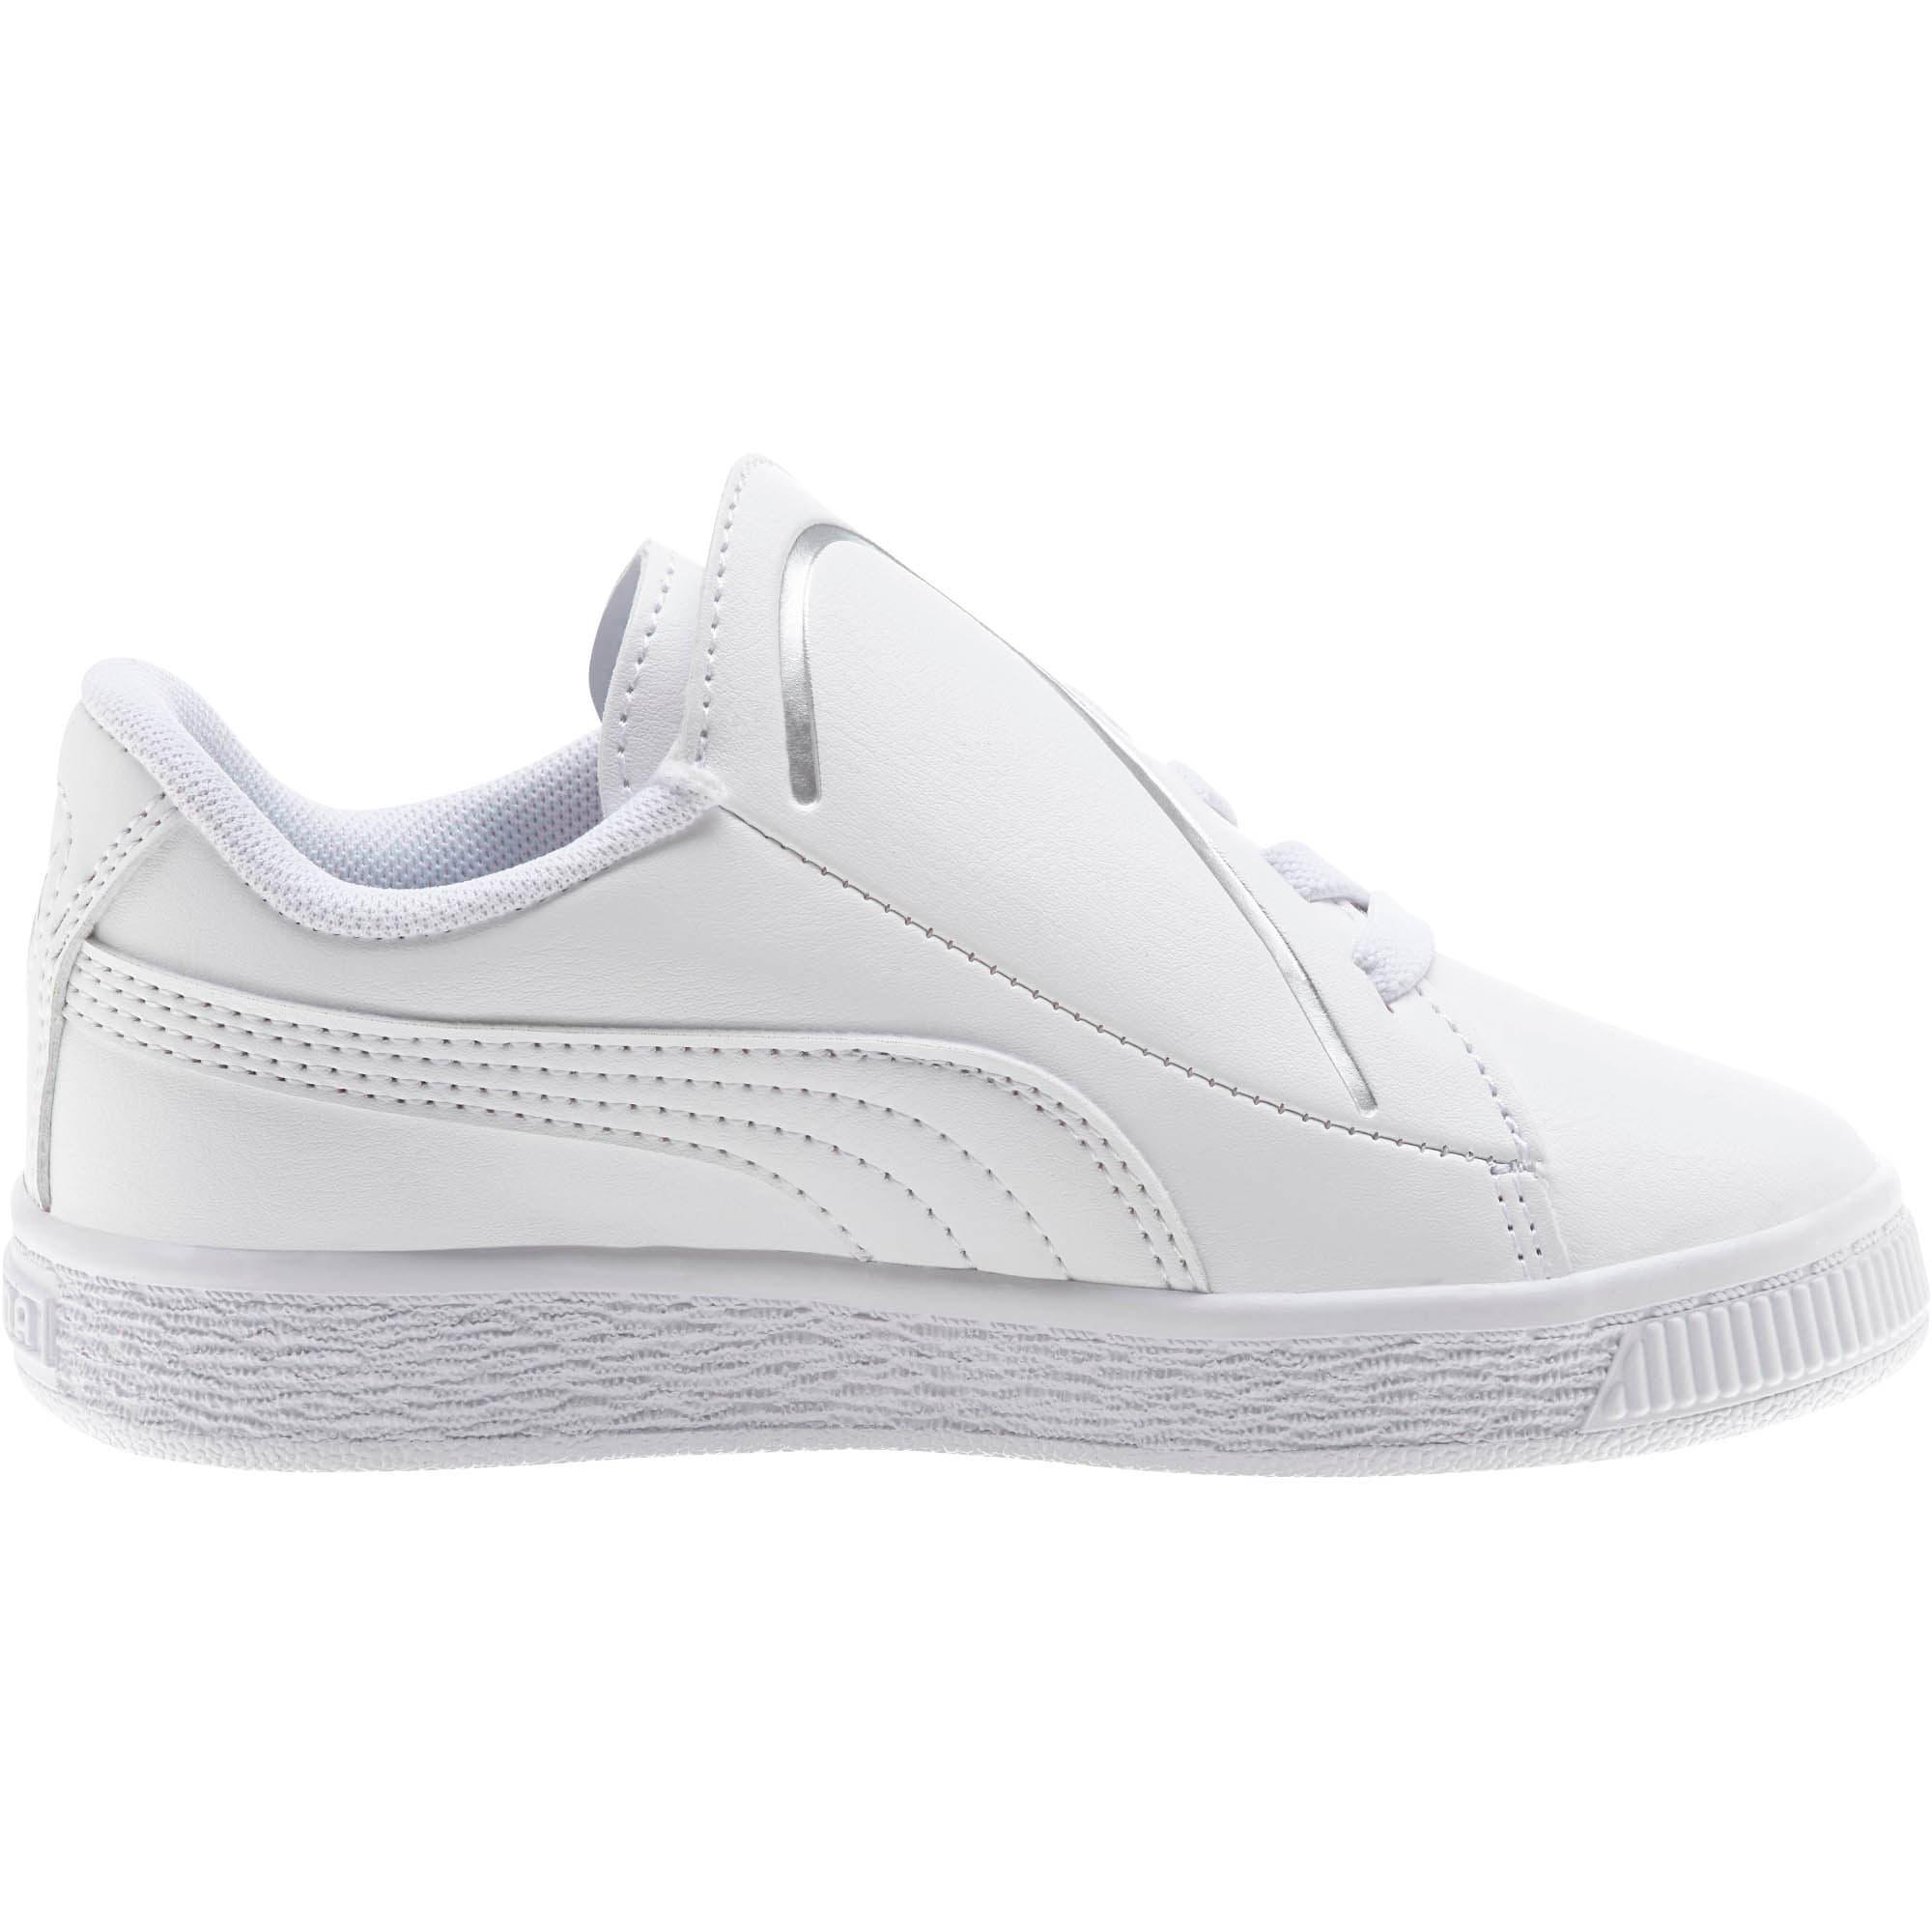 Miniatura 4 de Zapatos Basket Crush AC para niños, Puma White-Puma Silver, mediano